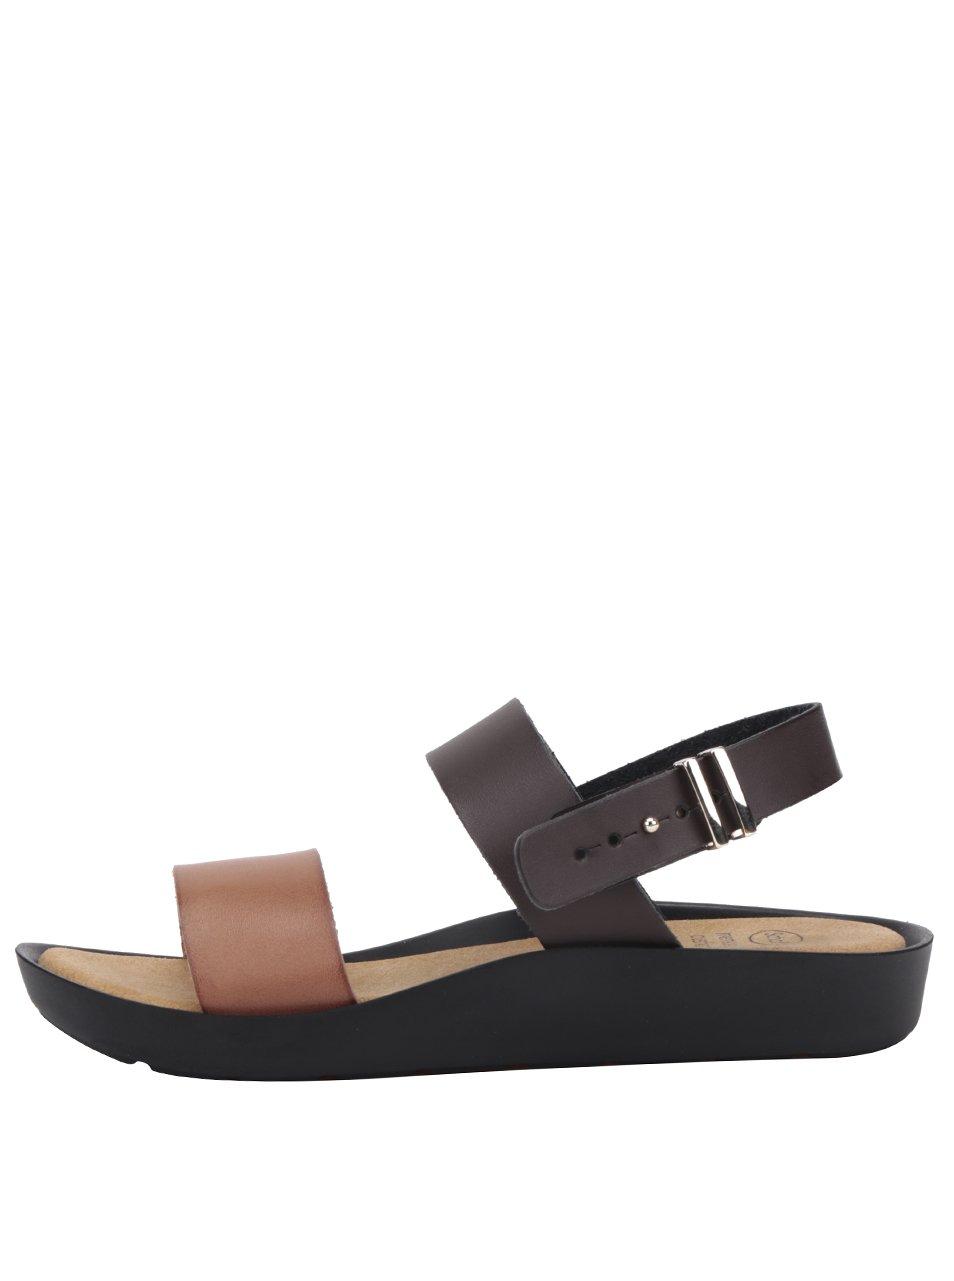 Tmavě hnědé dámské zdravotní sandály Scholl Mamore